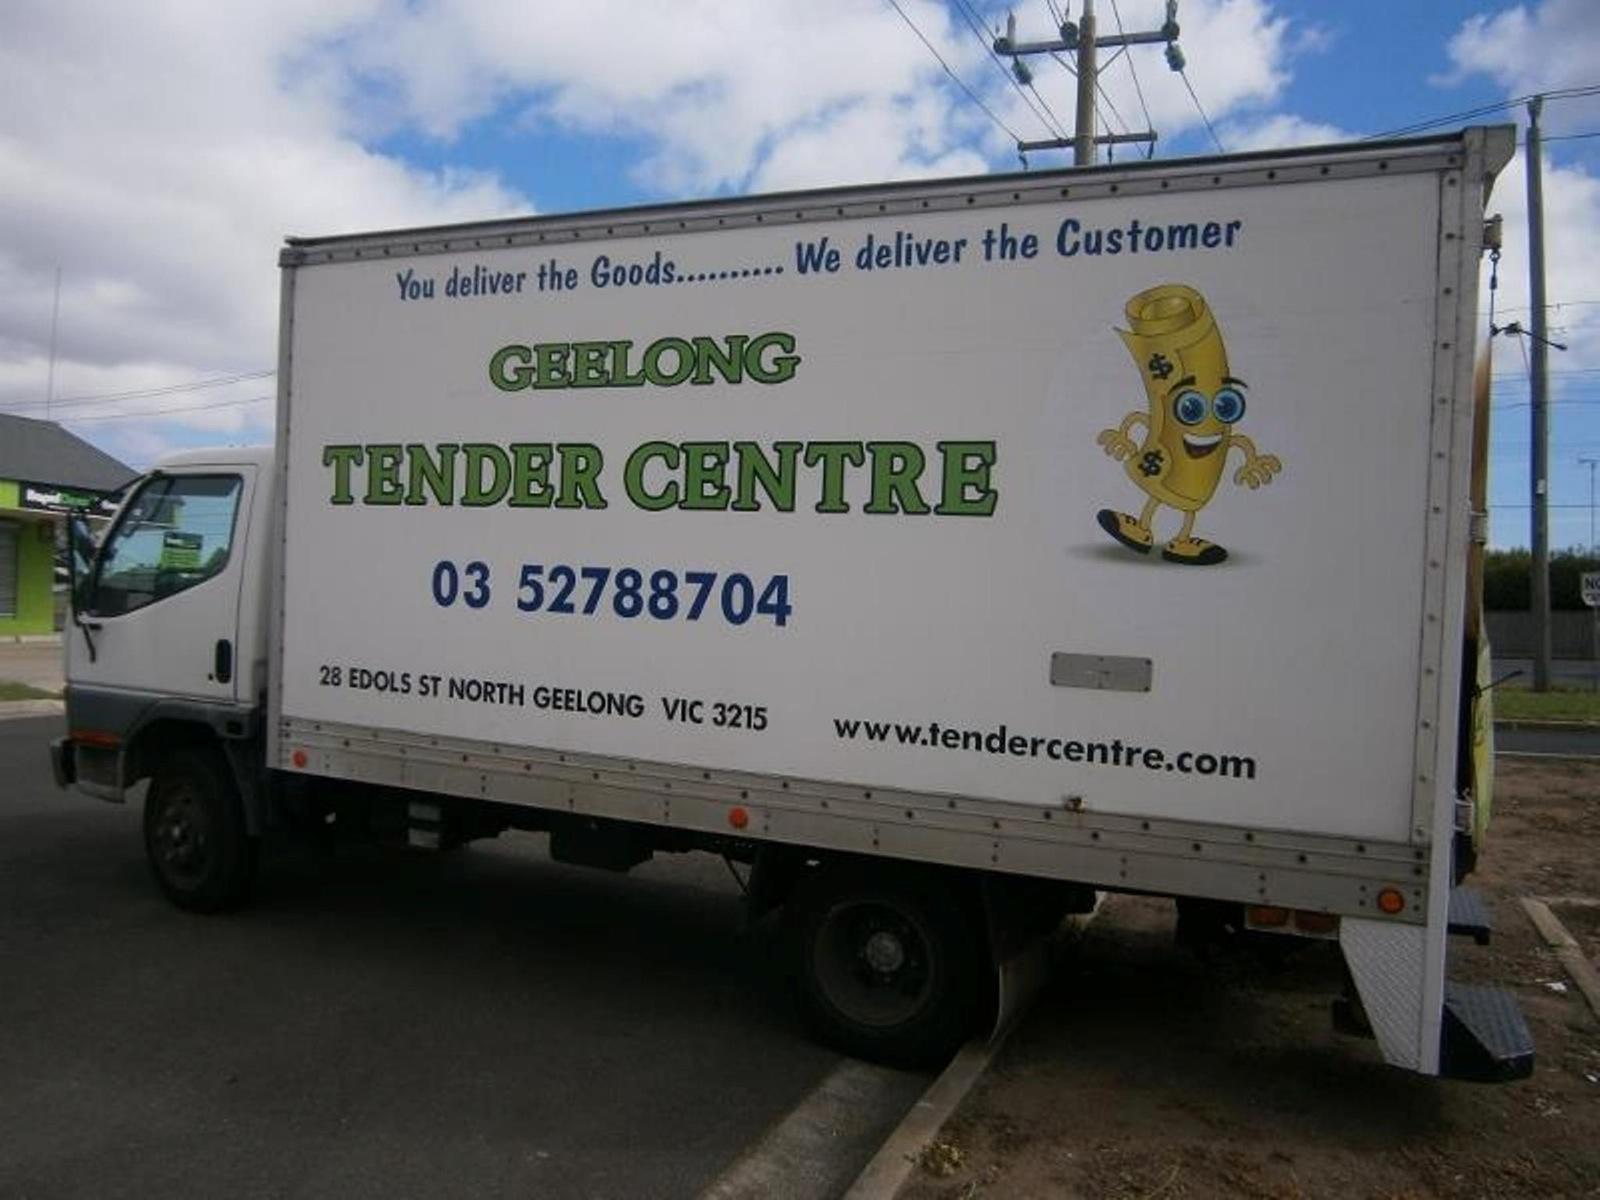 Geelong Tender Centre